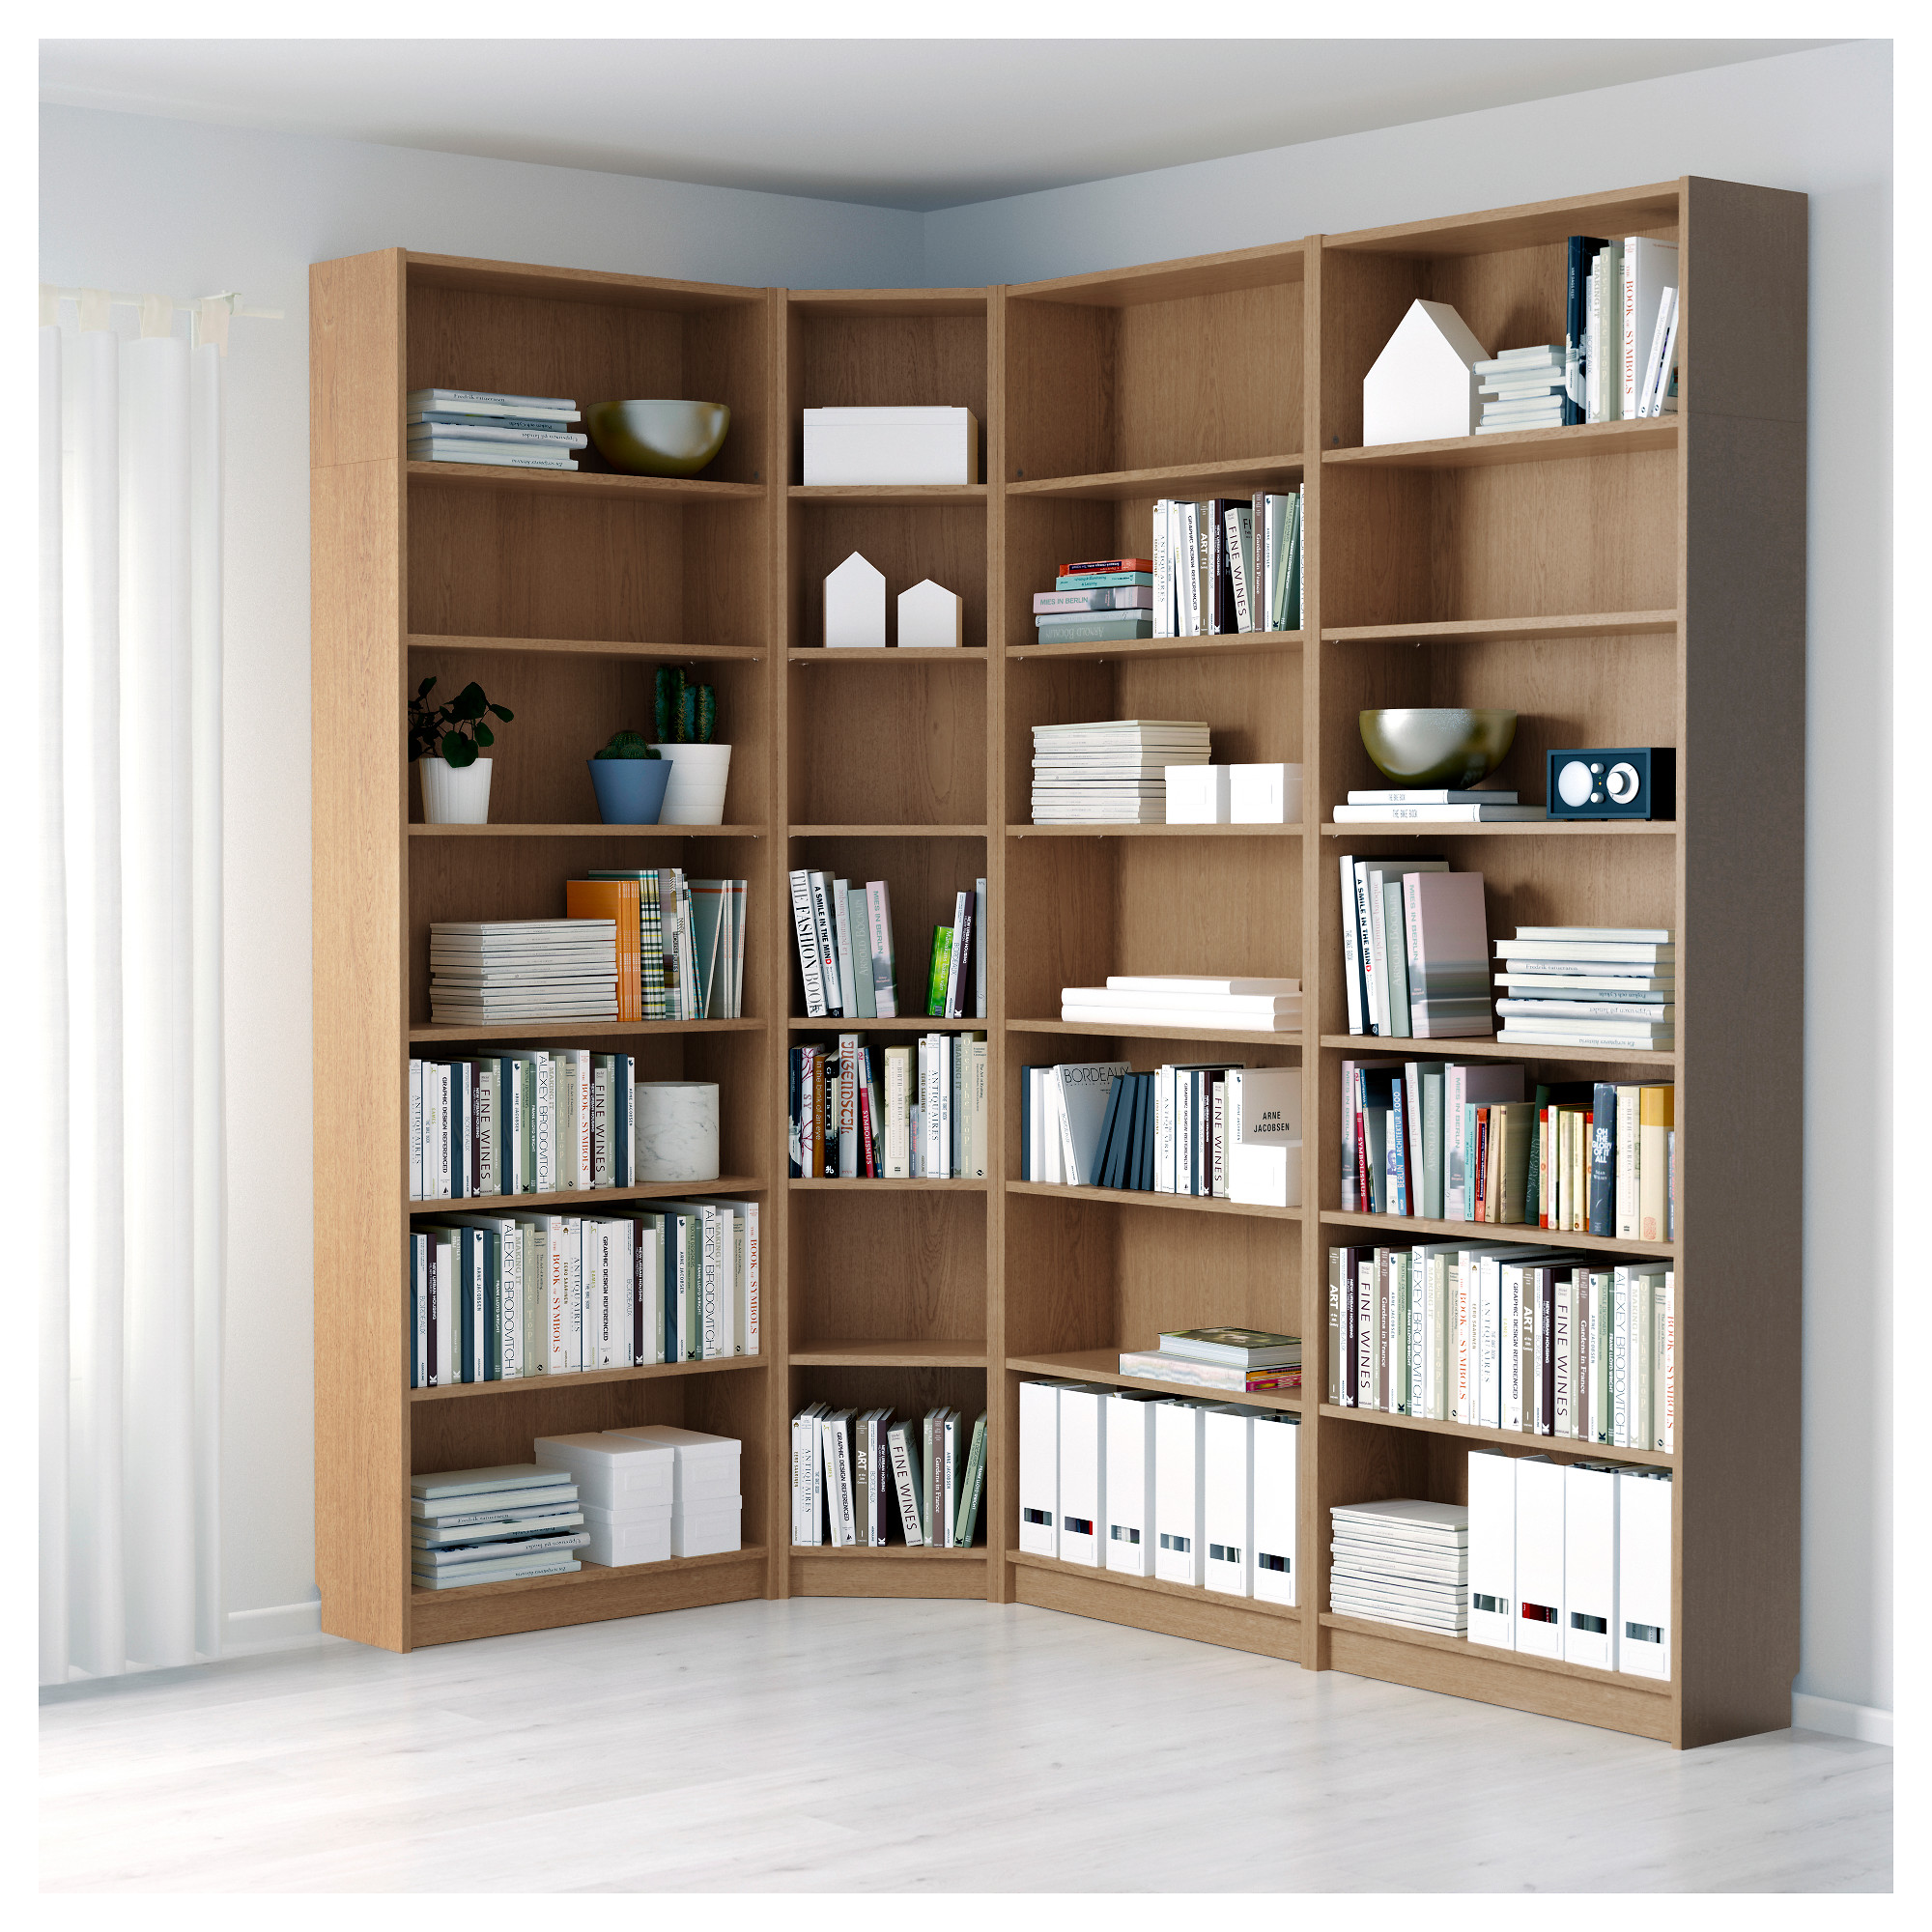 всегда, книжные полки и шкафы картинки лукбук